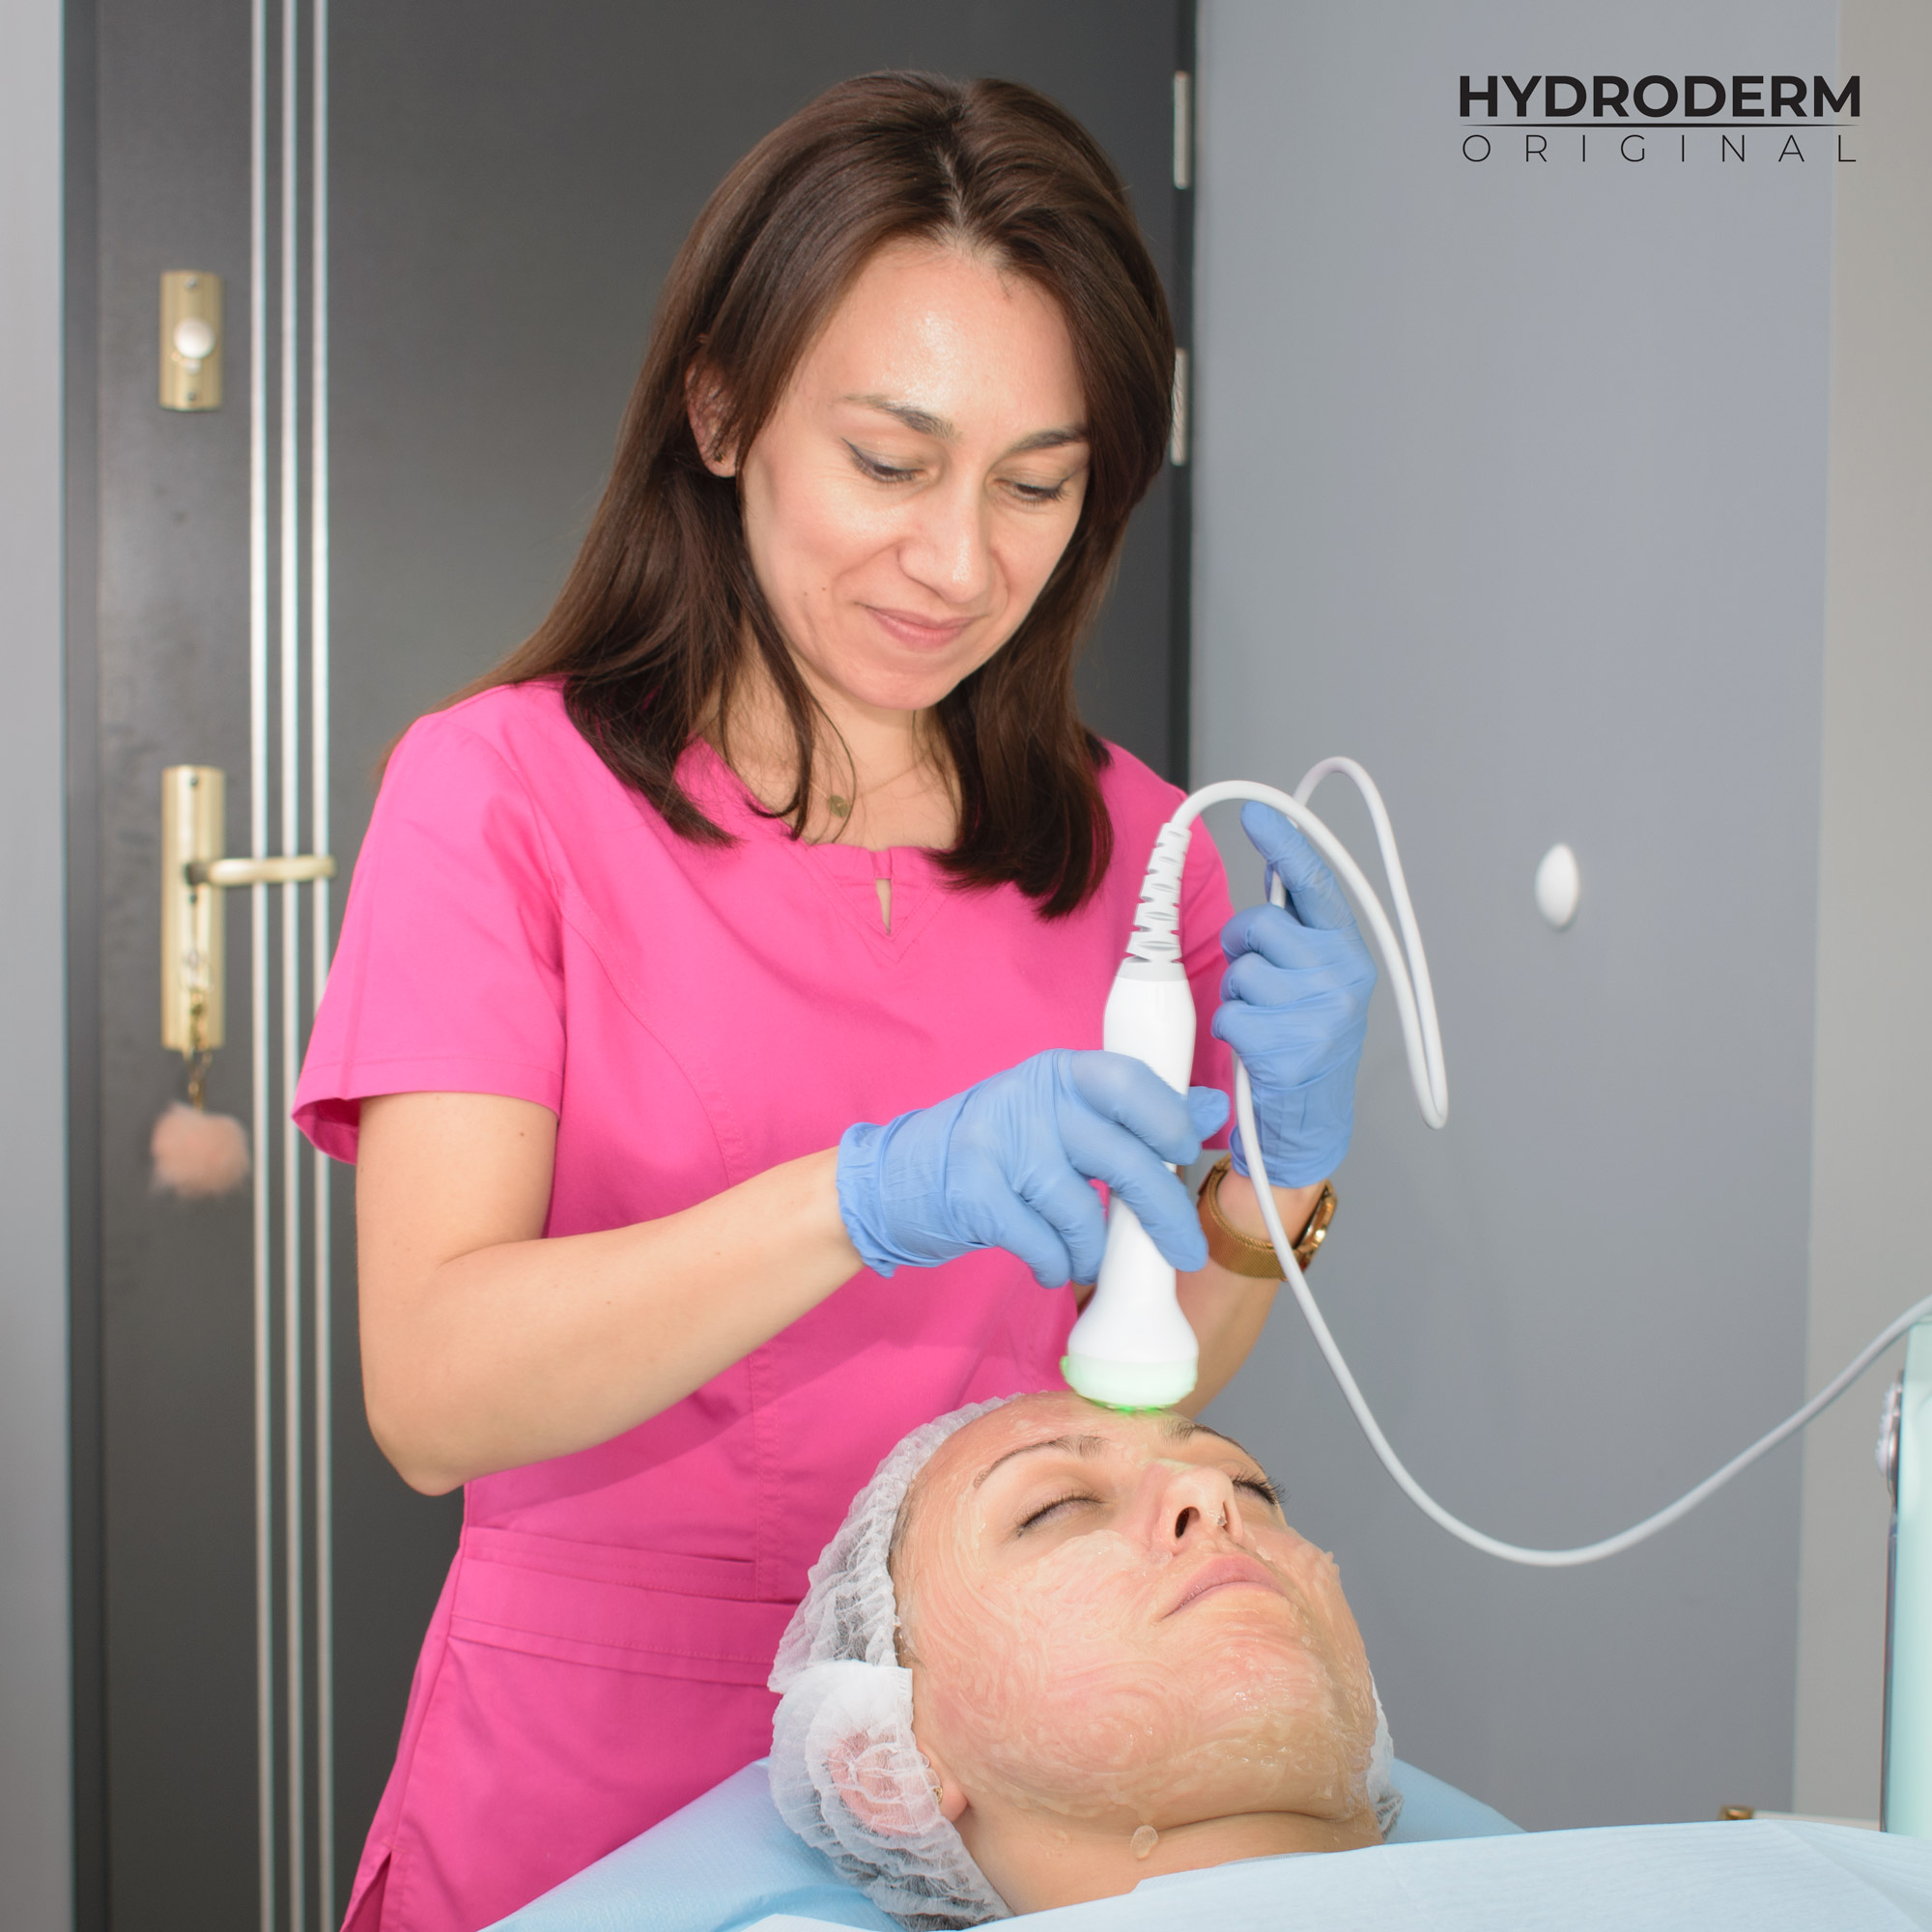 Terapeutyczne zielone światło potęguje efekty terapii aparatu Hydroderm 9w1 Original